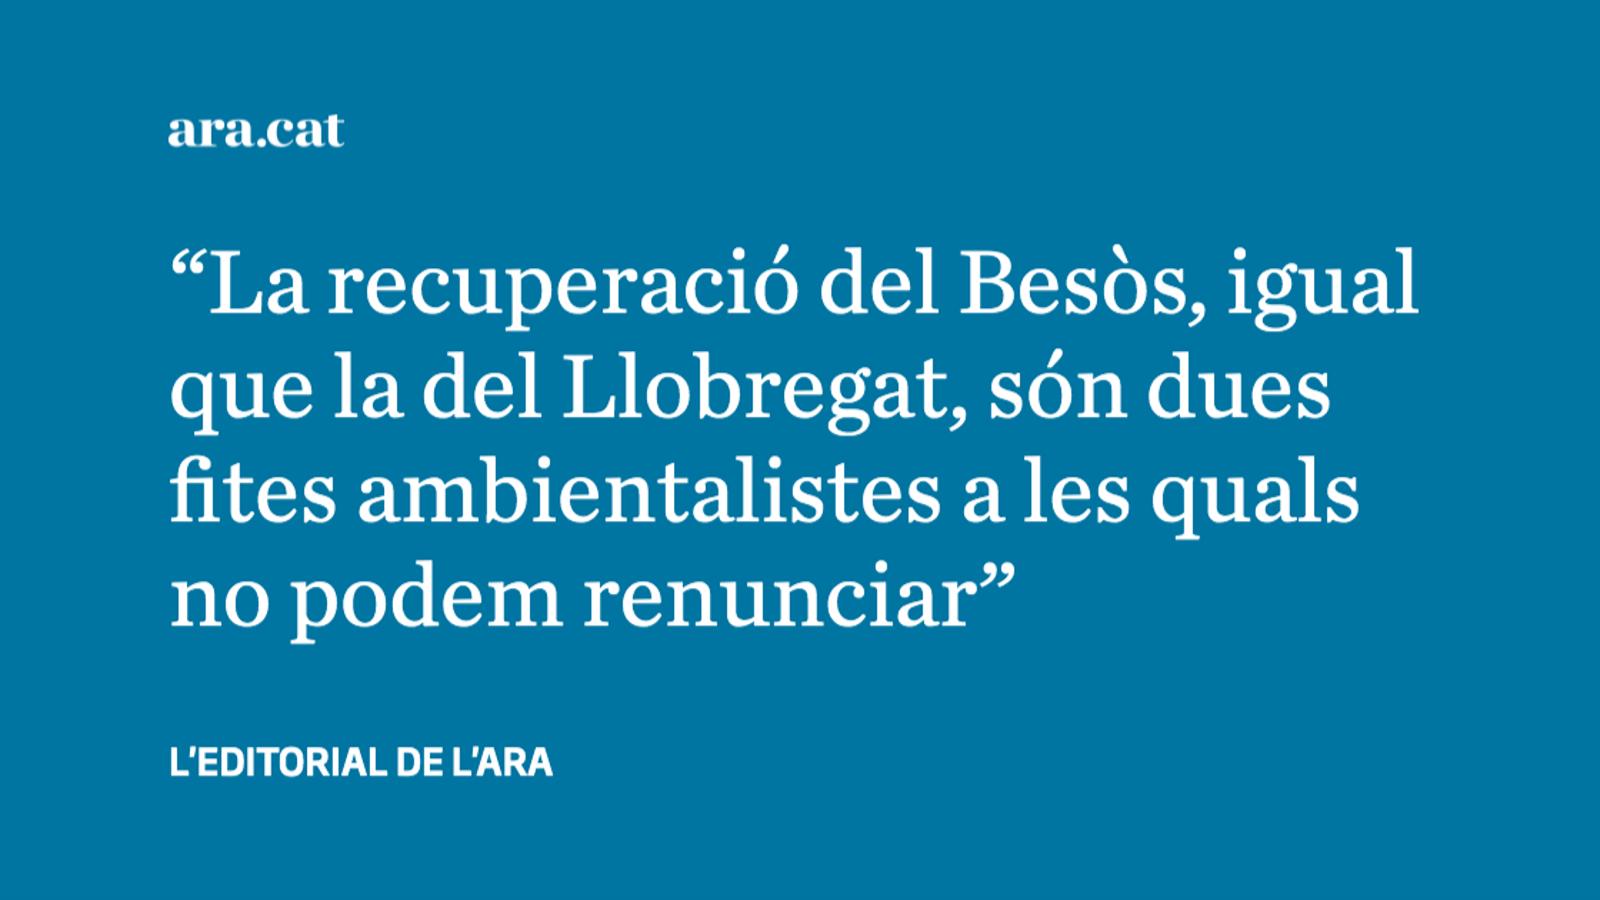 Qui es responsabilitzarà del desastre ambiental al Besòs?